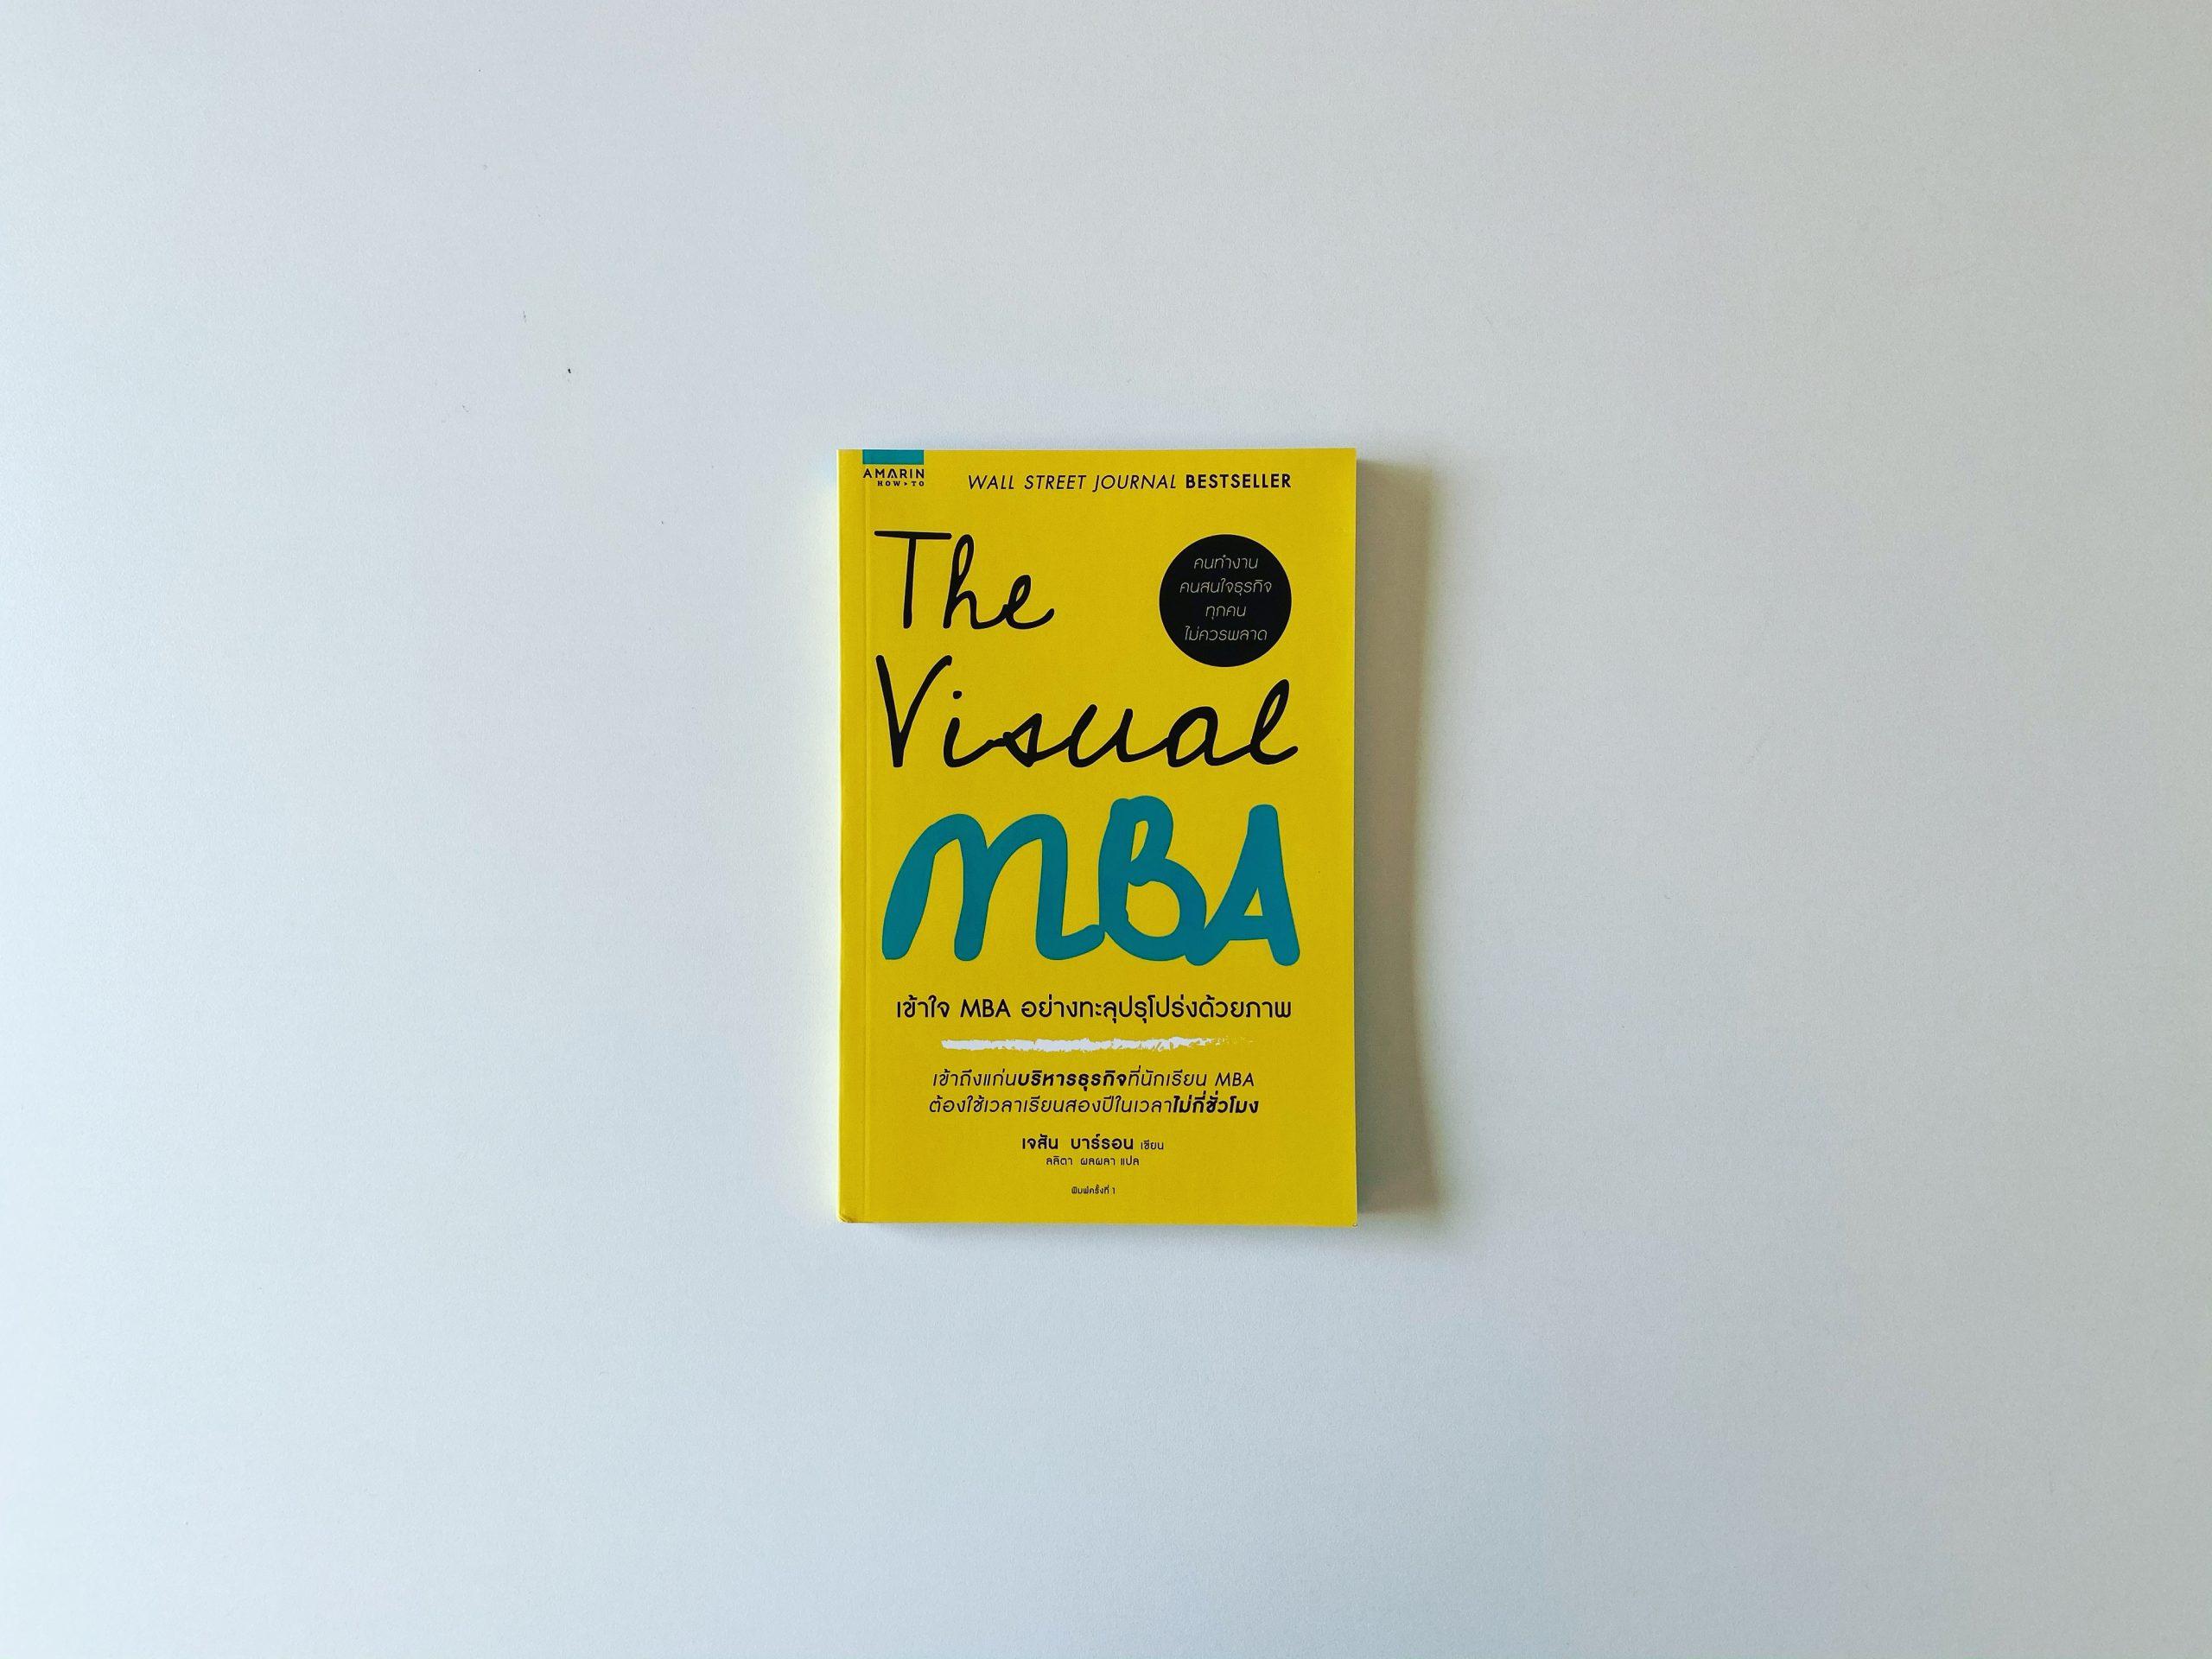 สรุปหนังสือ The Visual MBA ฉบับแปลไทย เข้าใจ MBA อย่างทะลุปรุโปร่งด้วยภาพ ประหยัดเวลาเรียนสองปีให้เหลือแค่สองชั่วโมงจบ